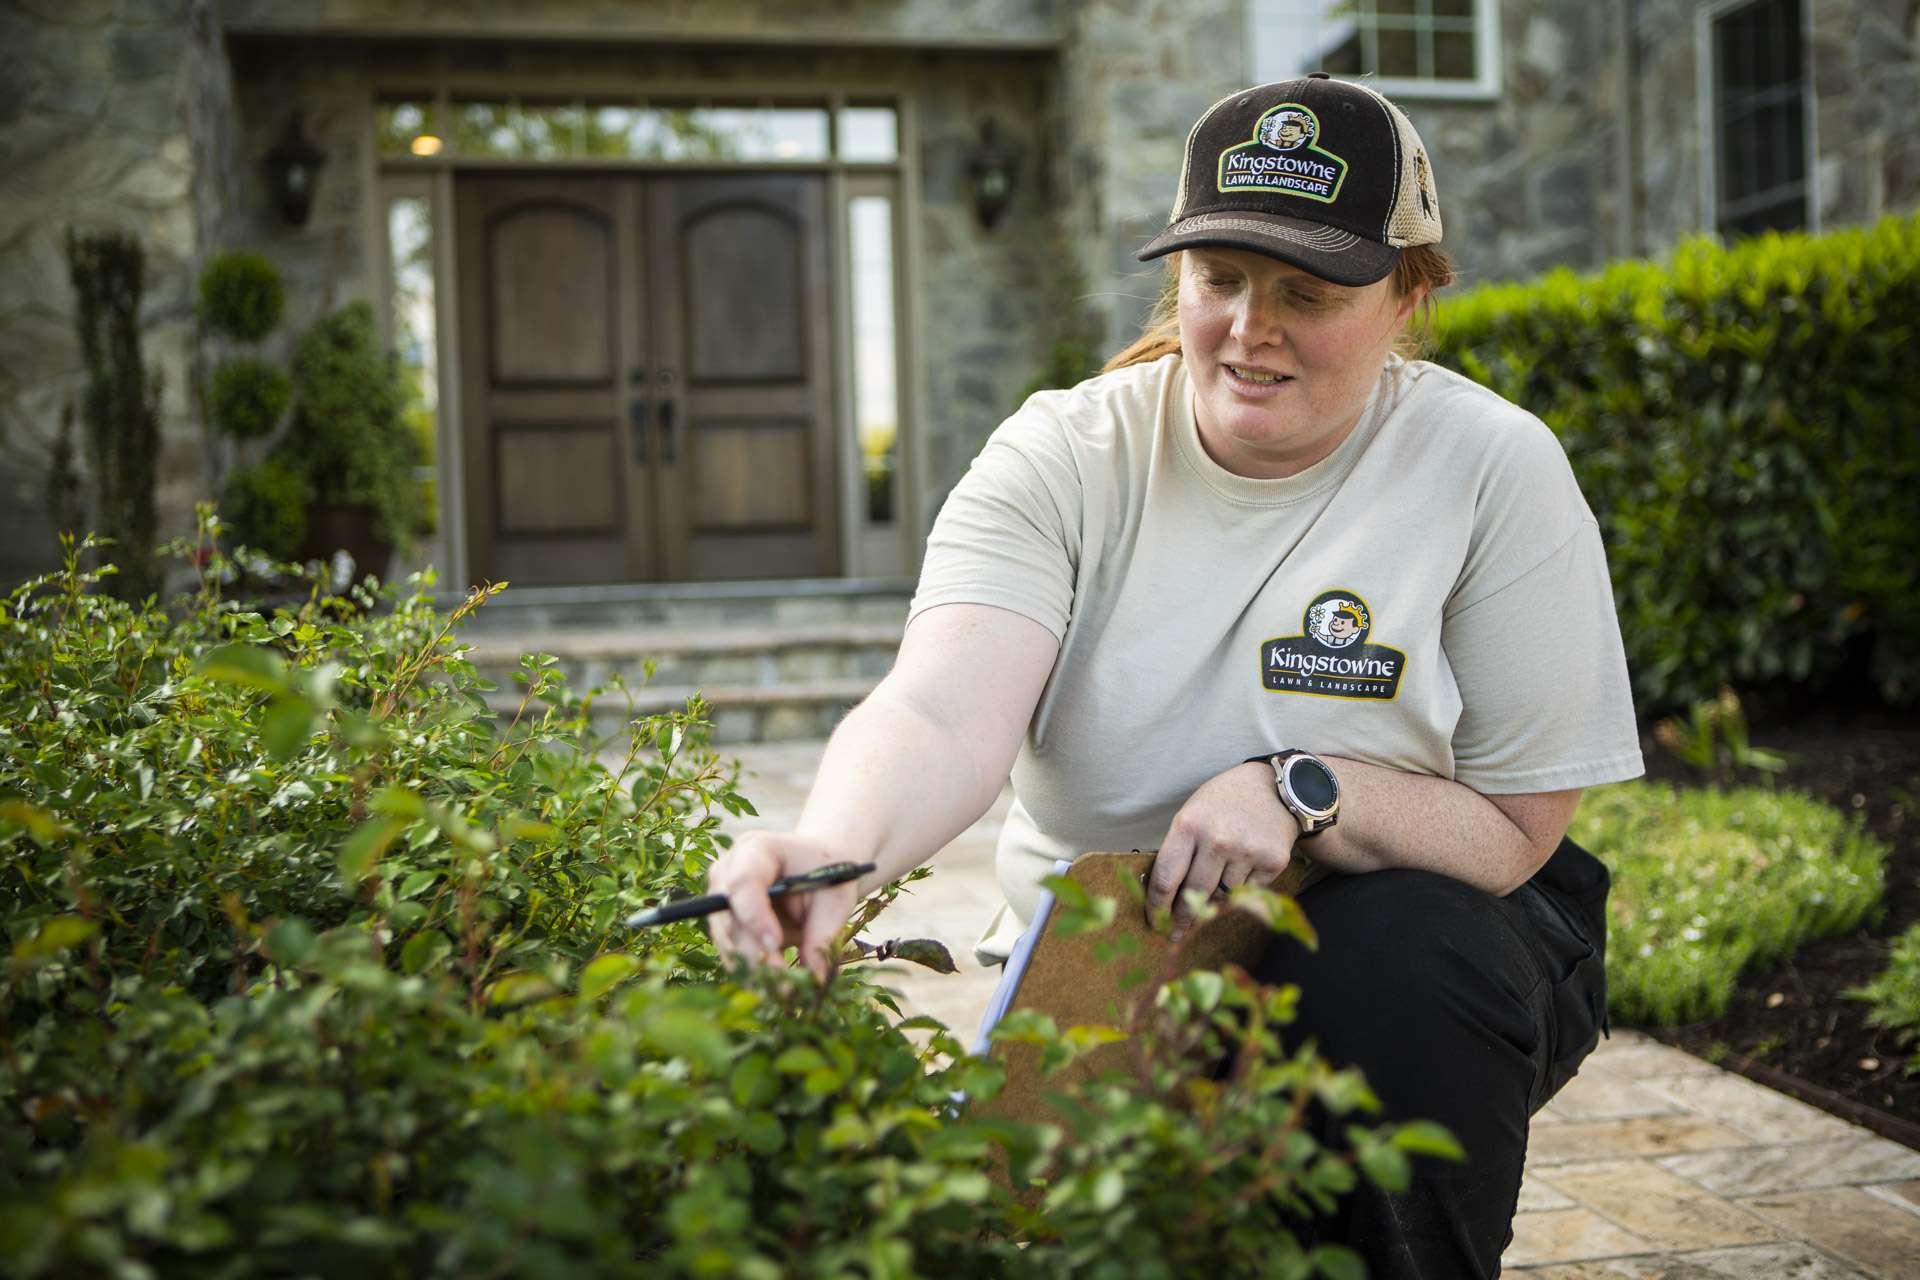 Kingstowne Lawn & Landscape technician inspecting shrubs